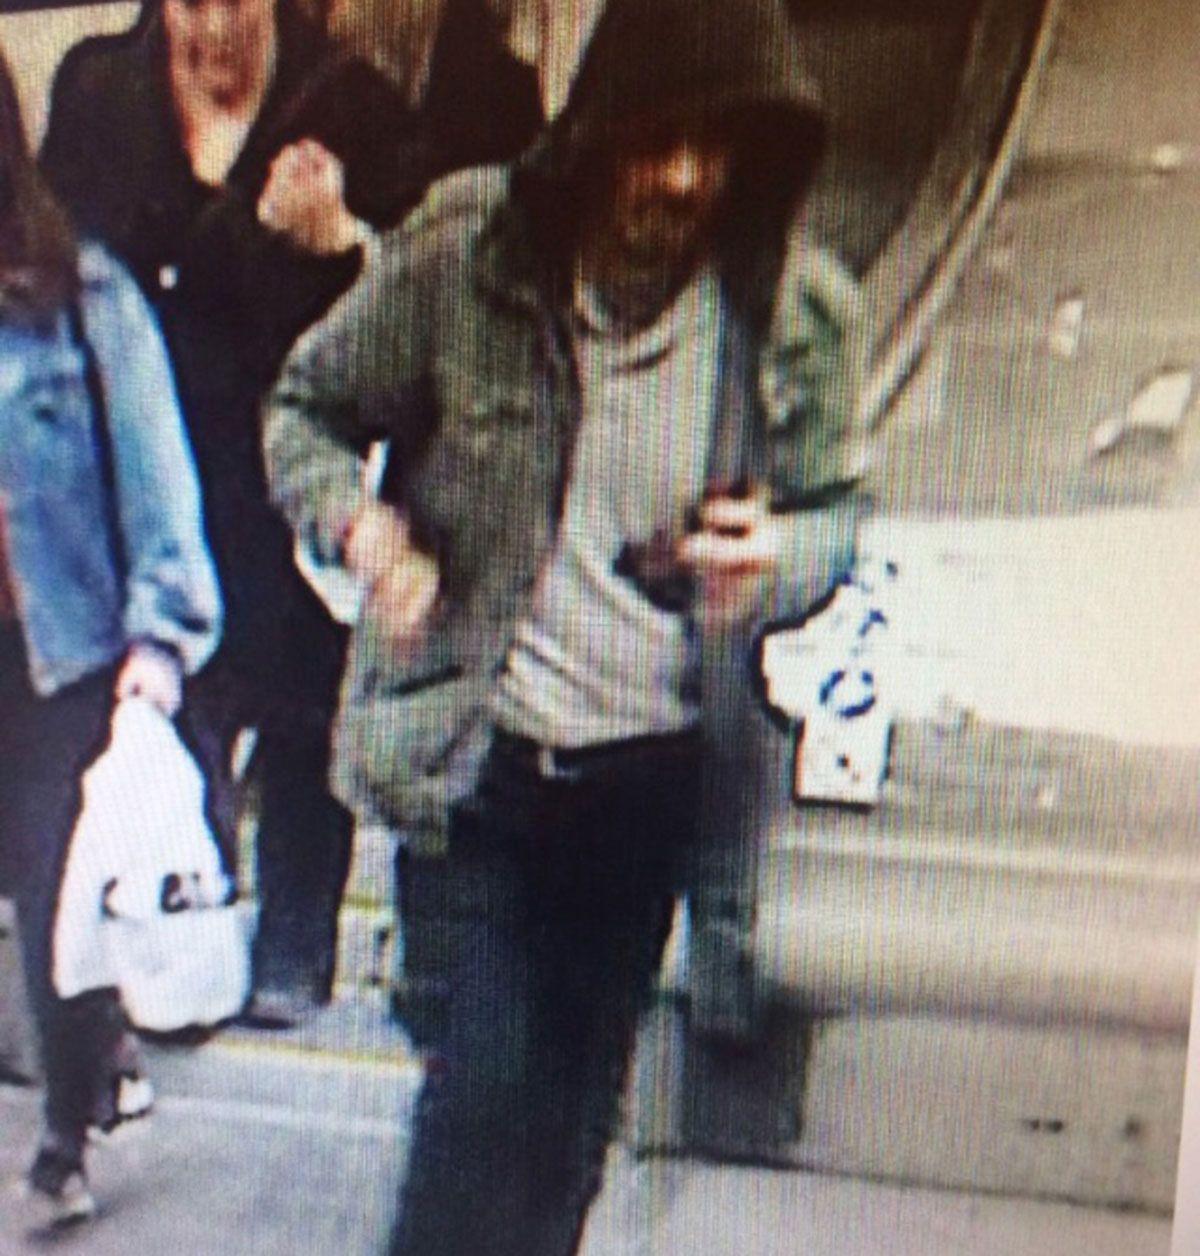 СМИ назвали имя предполагаемого исполнителя теракта вСтокгольме